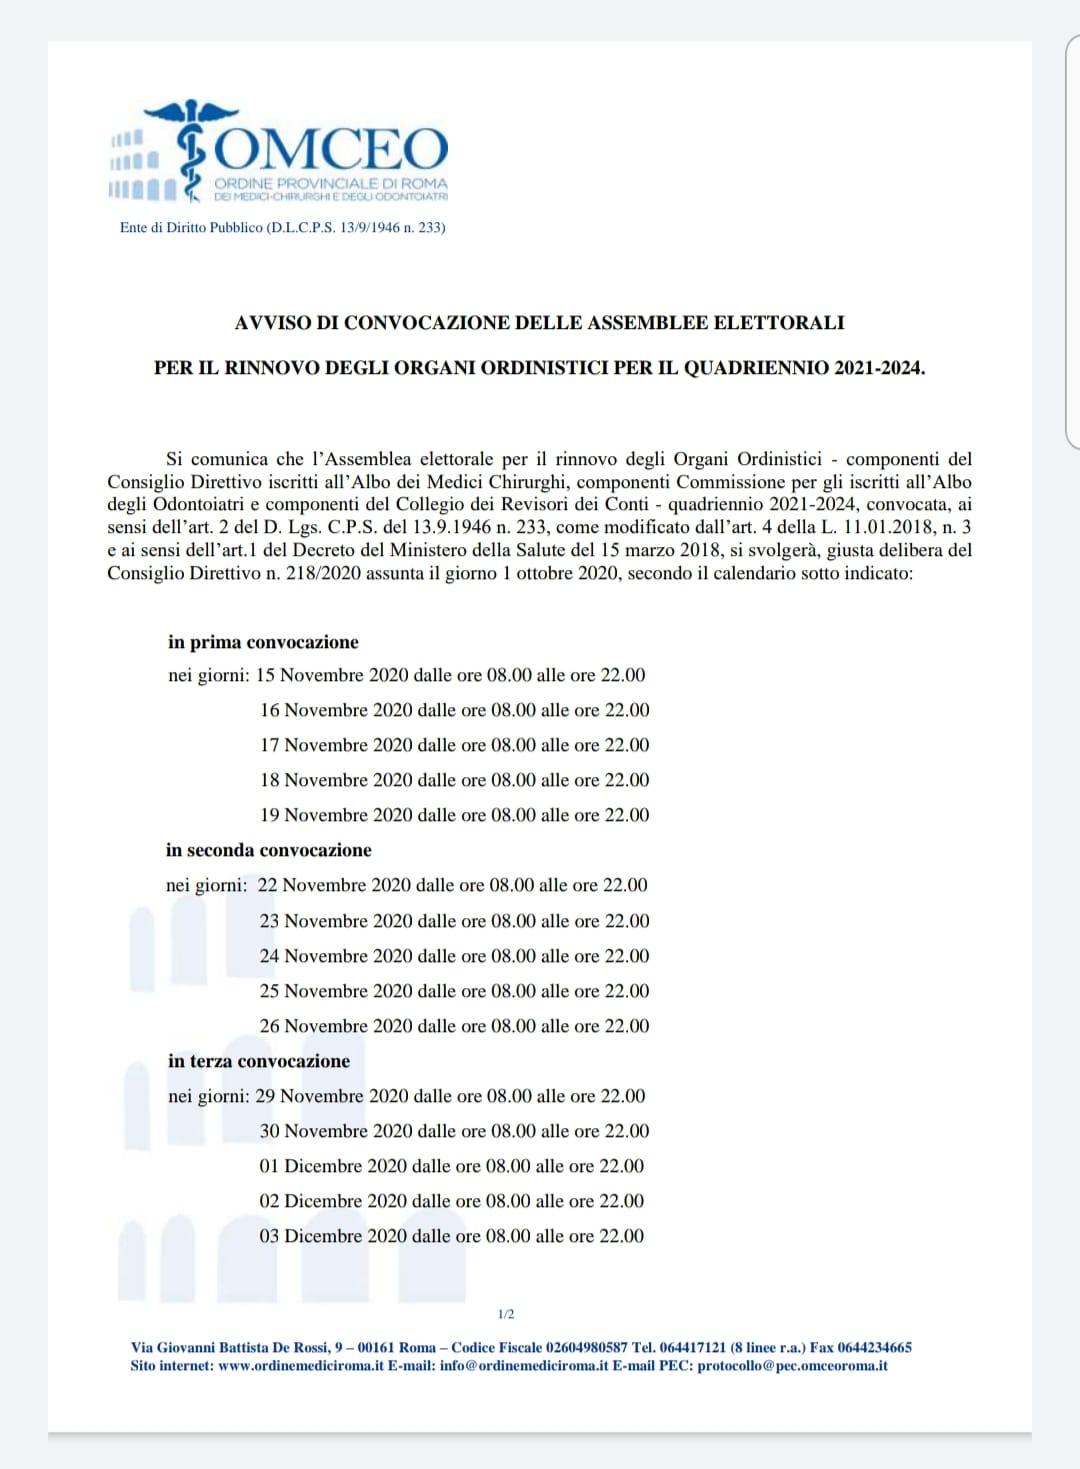 Convocazione elezioni ordine roma 2